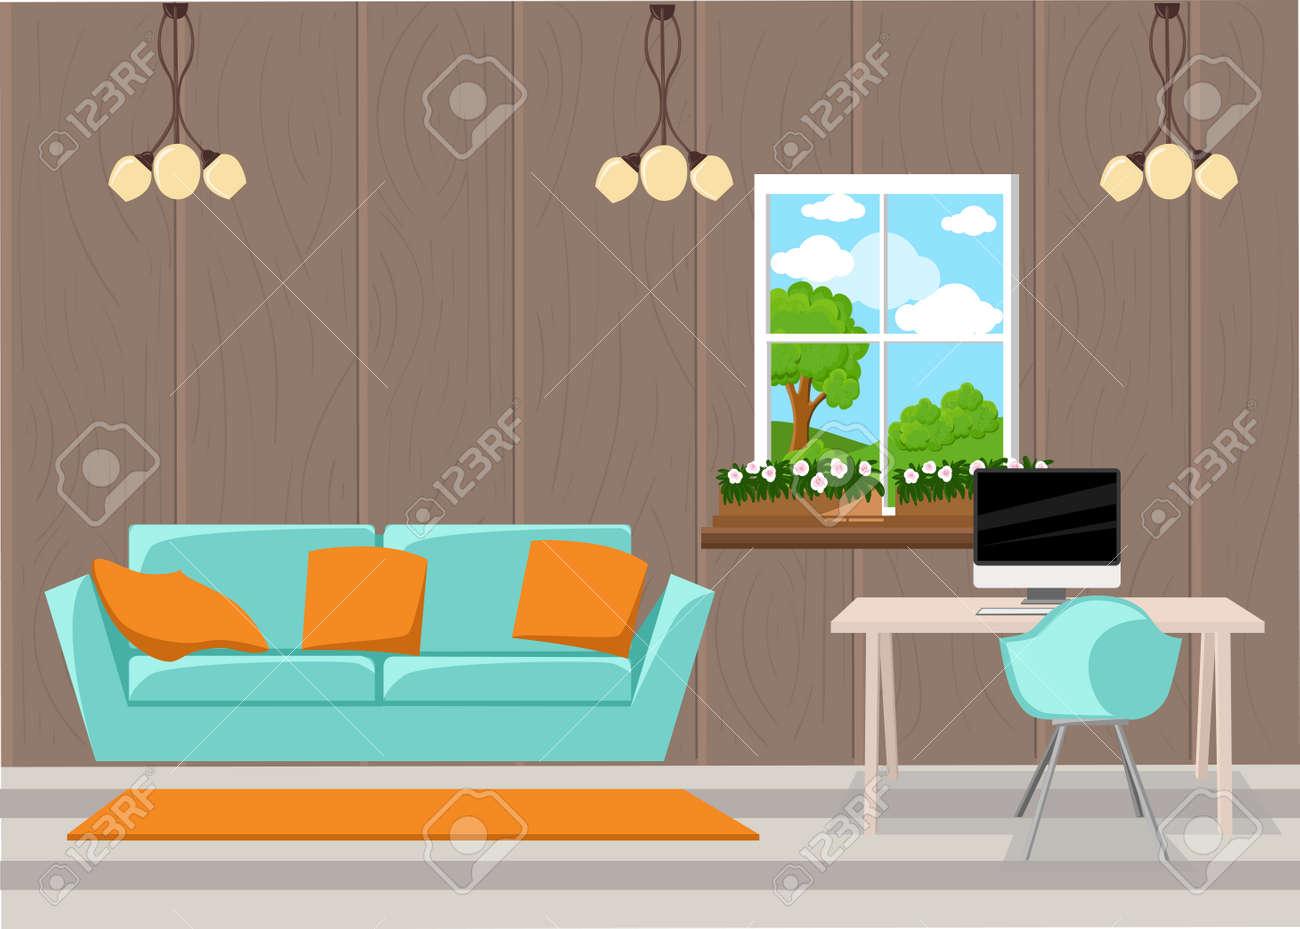 Wunderbar Schöne Design Elemente, Vektor Illustration Von Wohnzimmermöbeln In Der  Mitte Des Jahrhunderts Modernen